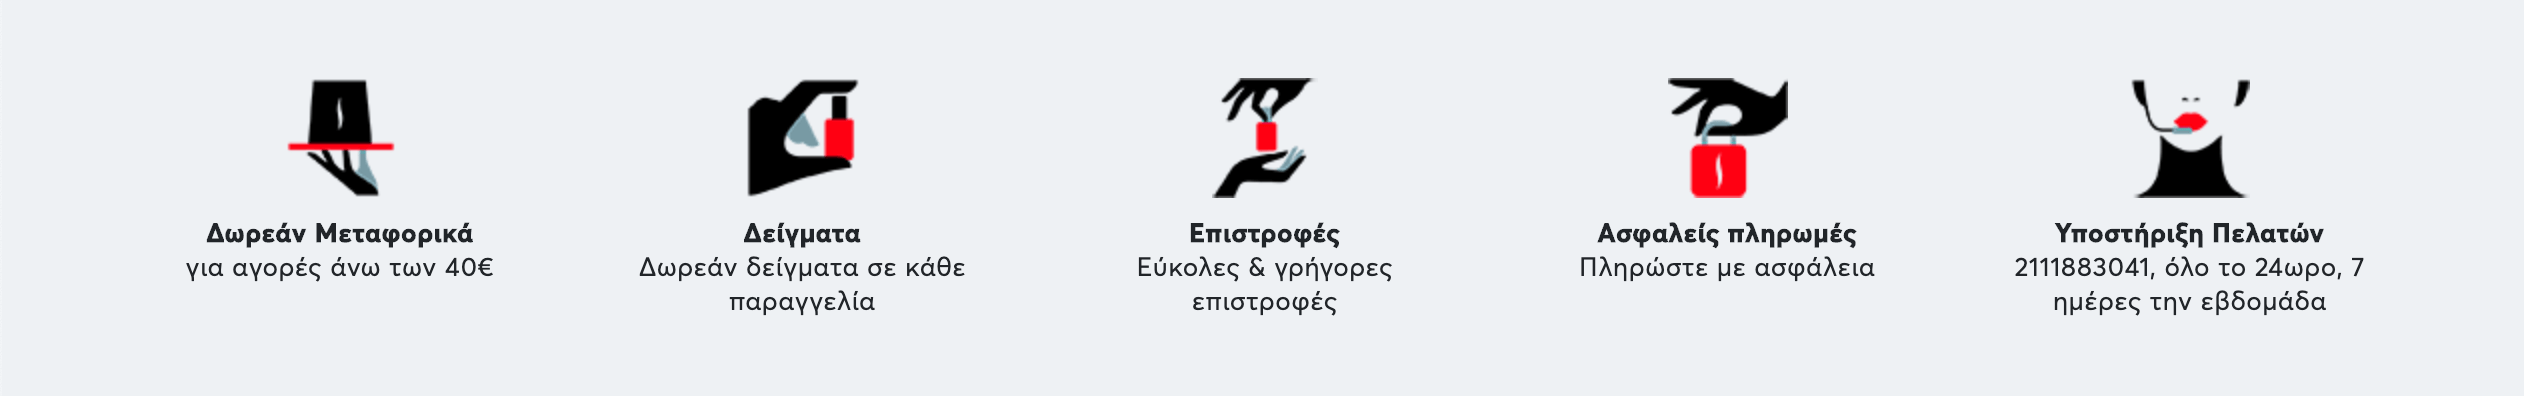 Στο sephora.gr θα βρεις, δωρεάν μεταφορικά για αγορές άνω των 40ευρω, δωρεάν δείγματα σε κάθε παραγγελία, εύκολες και γρήγορες επιστροφές, ασφαλείς πληρωμές και υποστήριξη πελατών όλο το 24ωρο | YouBeHero